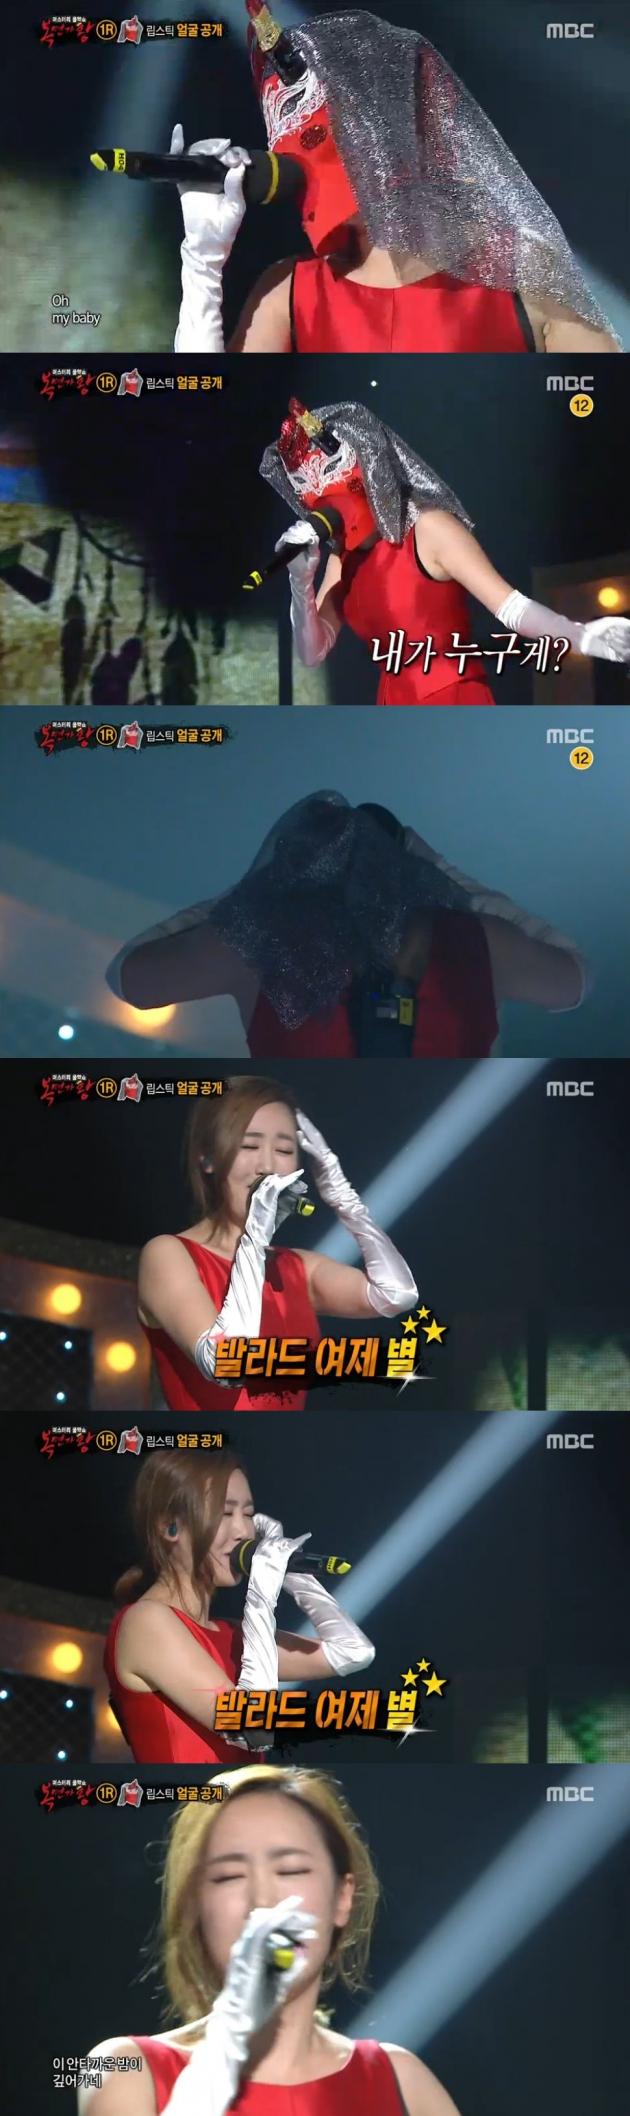 '복면가왕' 립스틱 별 / '복면가왕' 립스틱 별 사진=MBC 방송 캡처